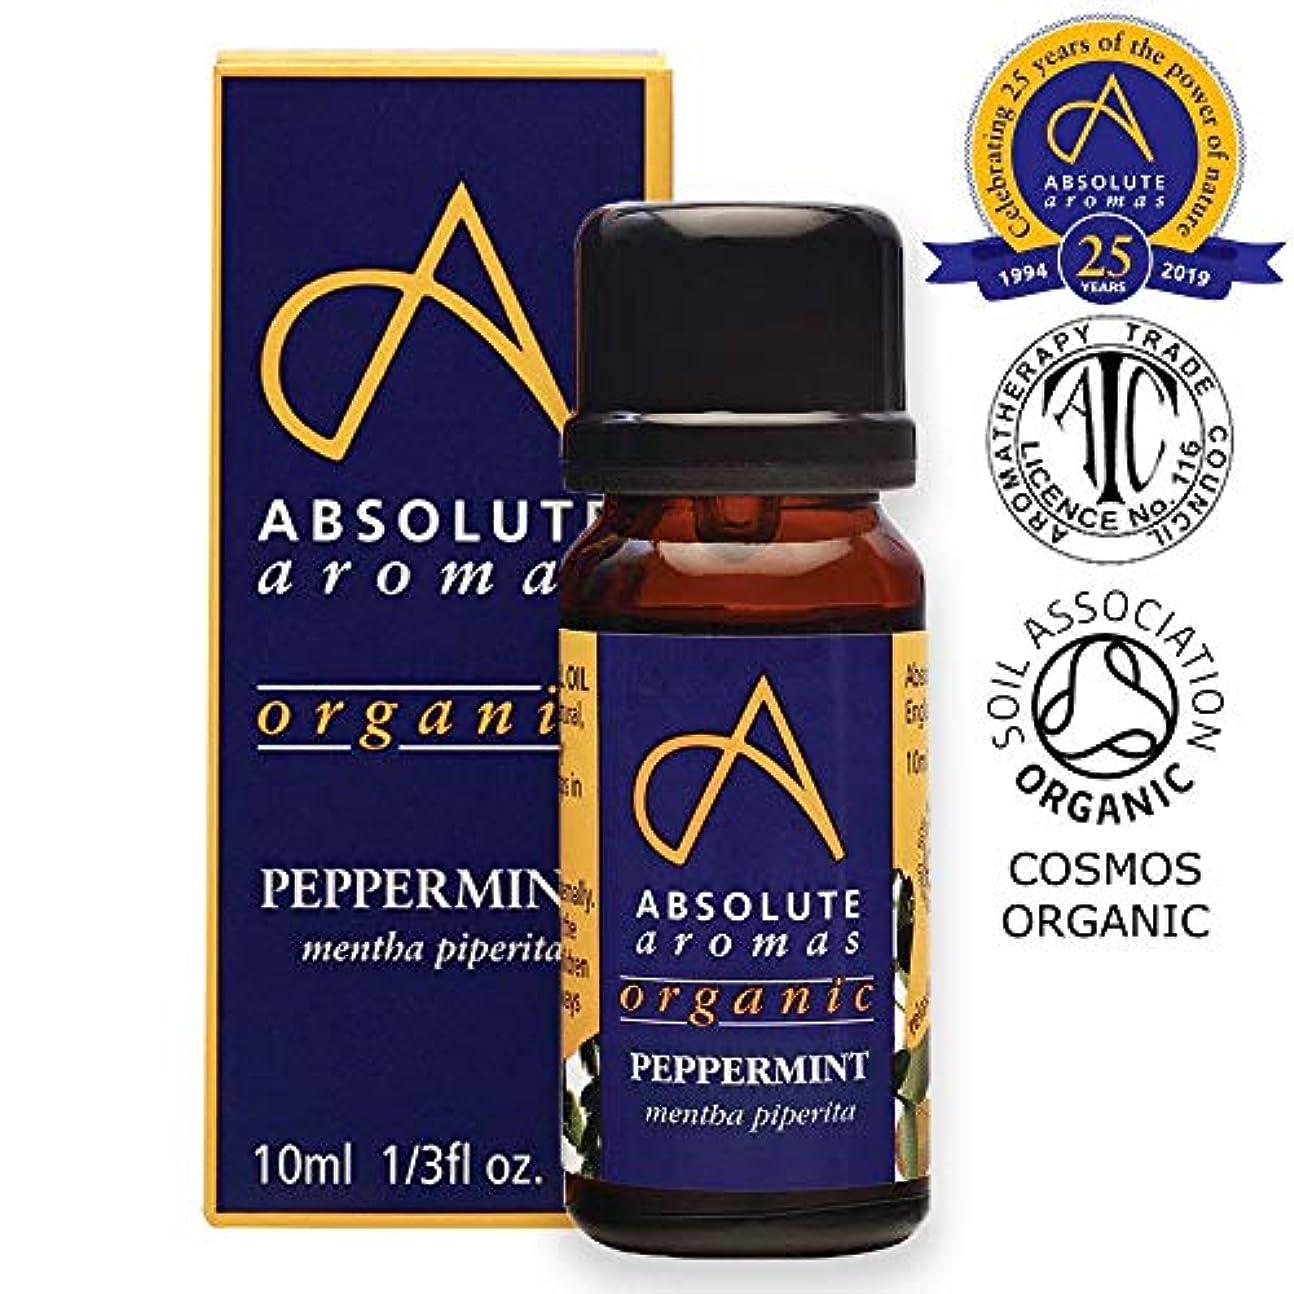 シード競争力のあるカニAbsolute Aromas Organic Peppermint Essential Oil by Absolute Aromas